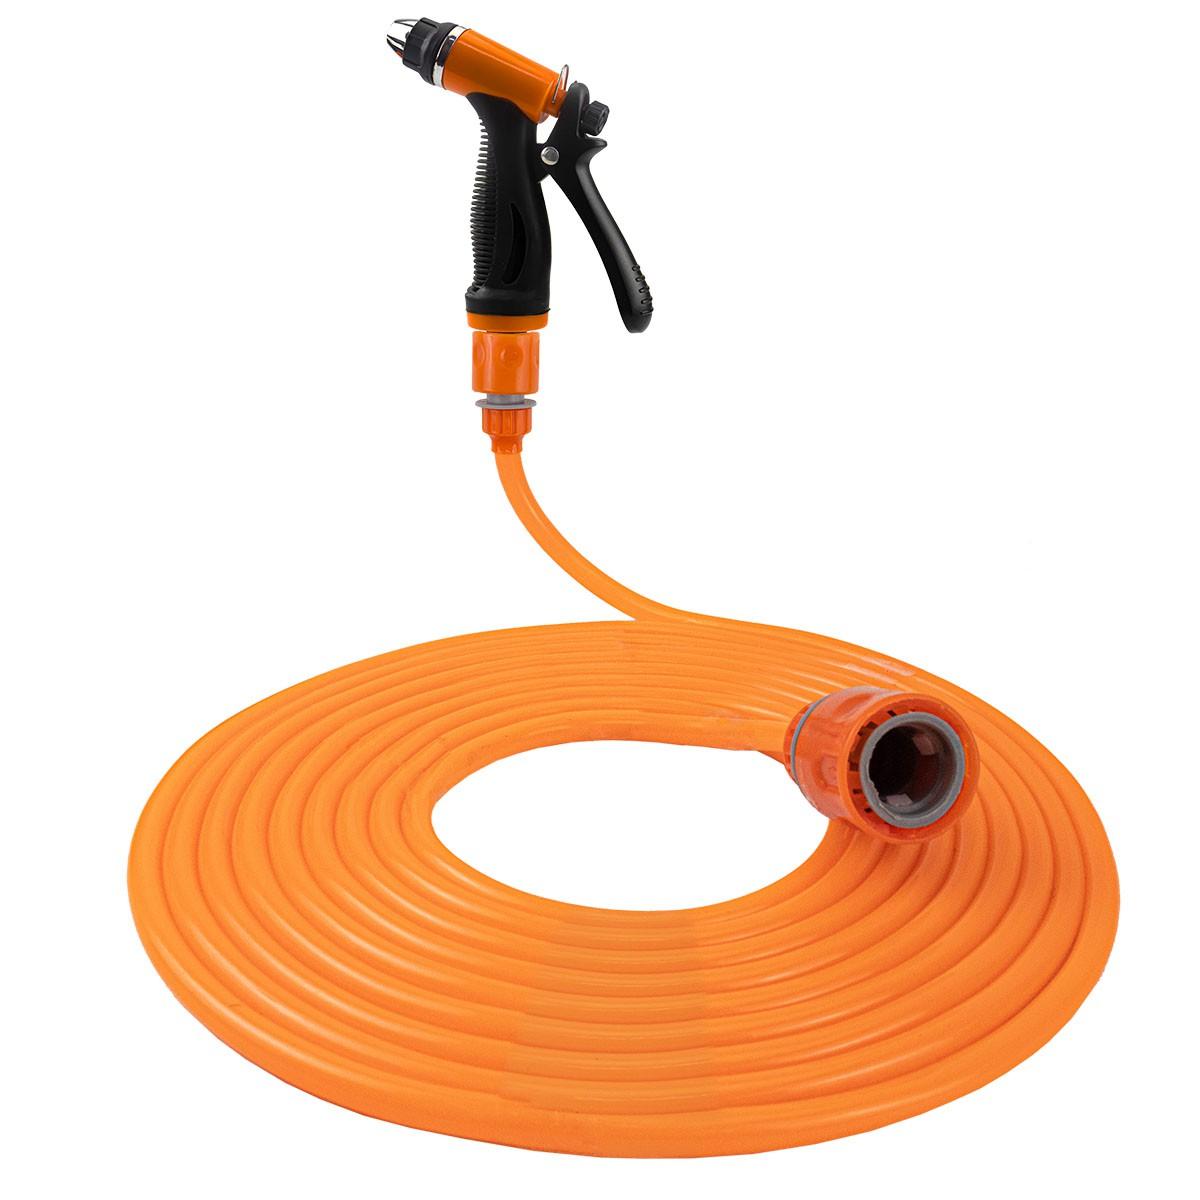 Aspirador de Pó Portátil Automotivo e Lavador para Limpeza Veicular 12V Tomate MXC-001